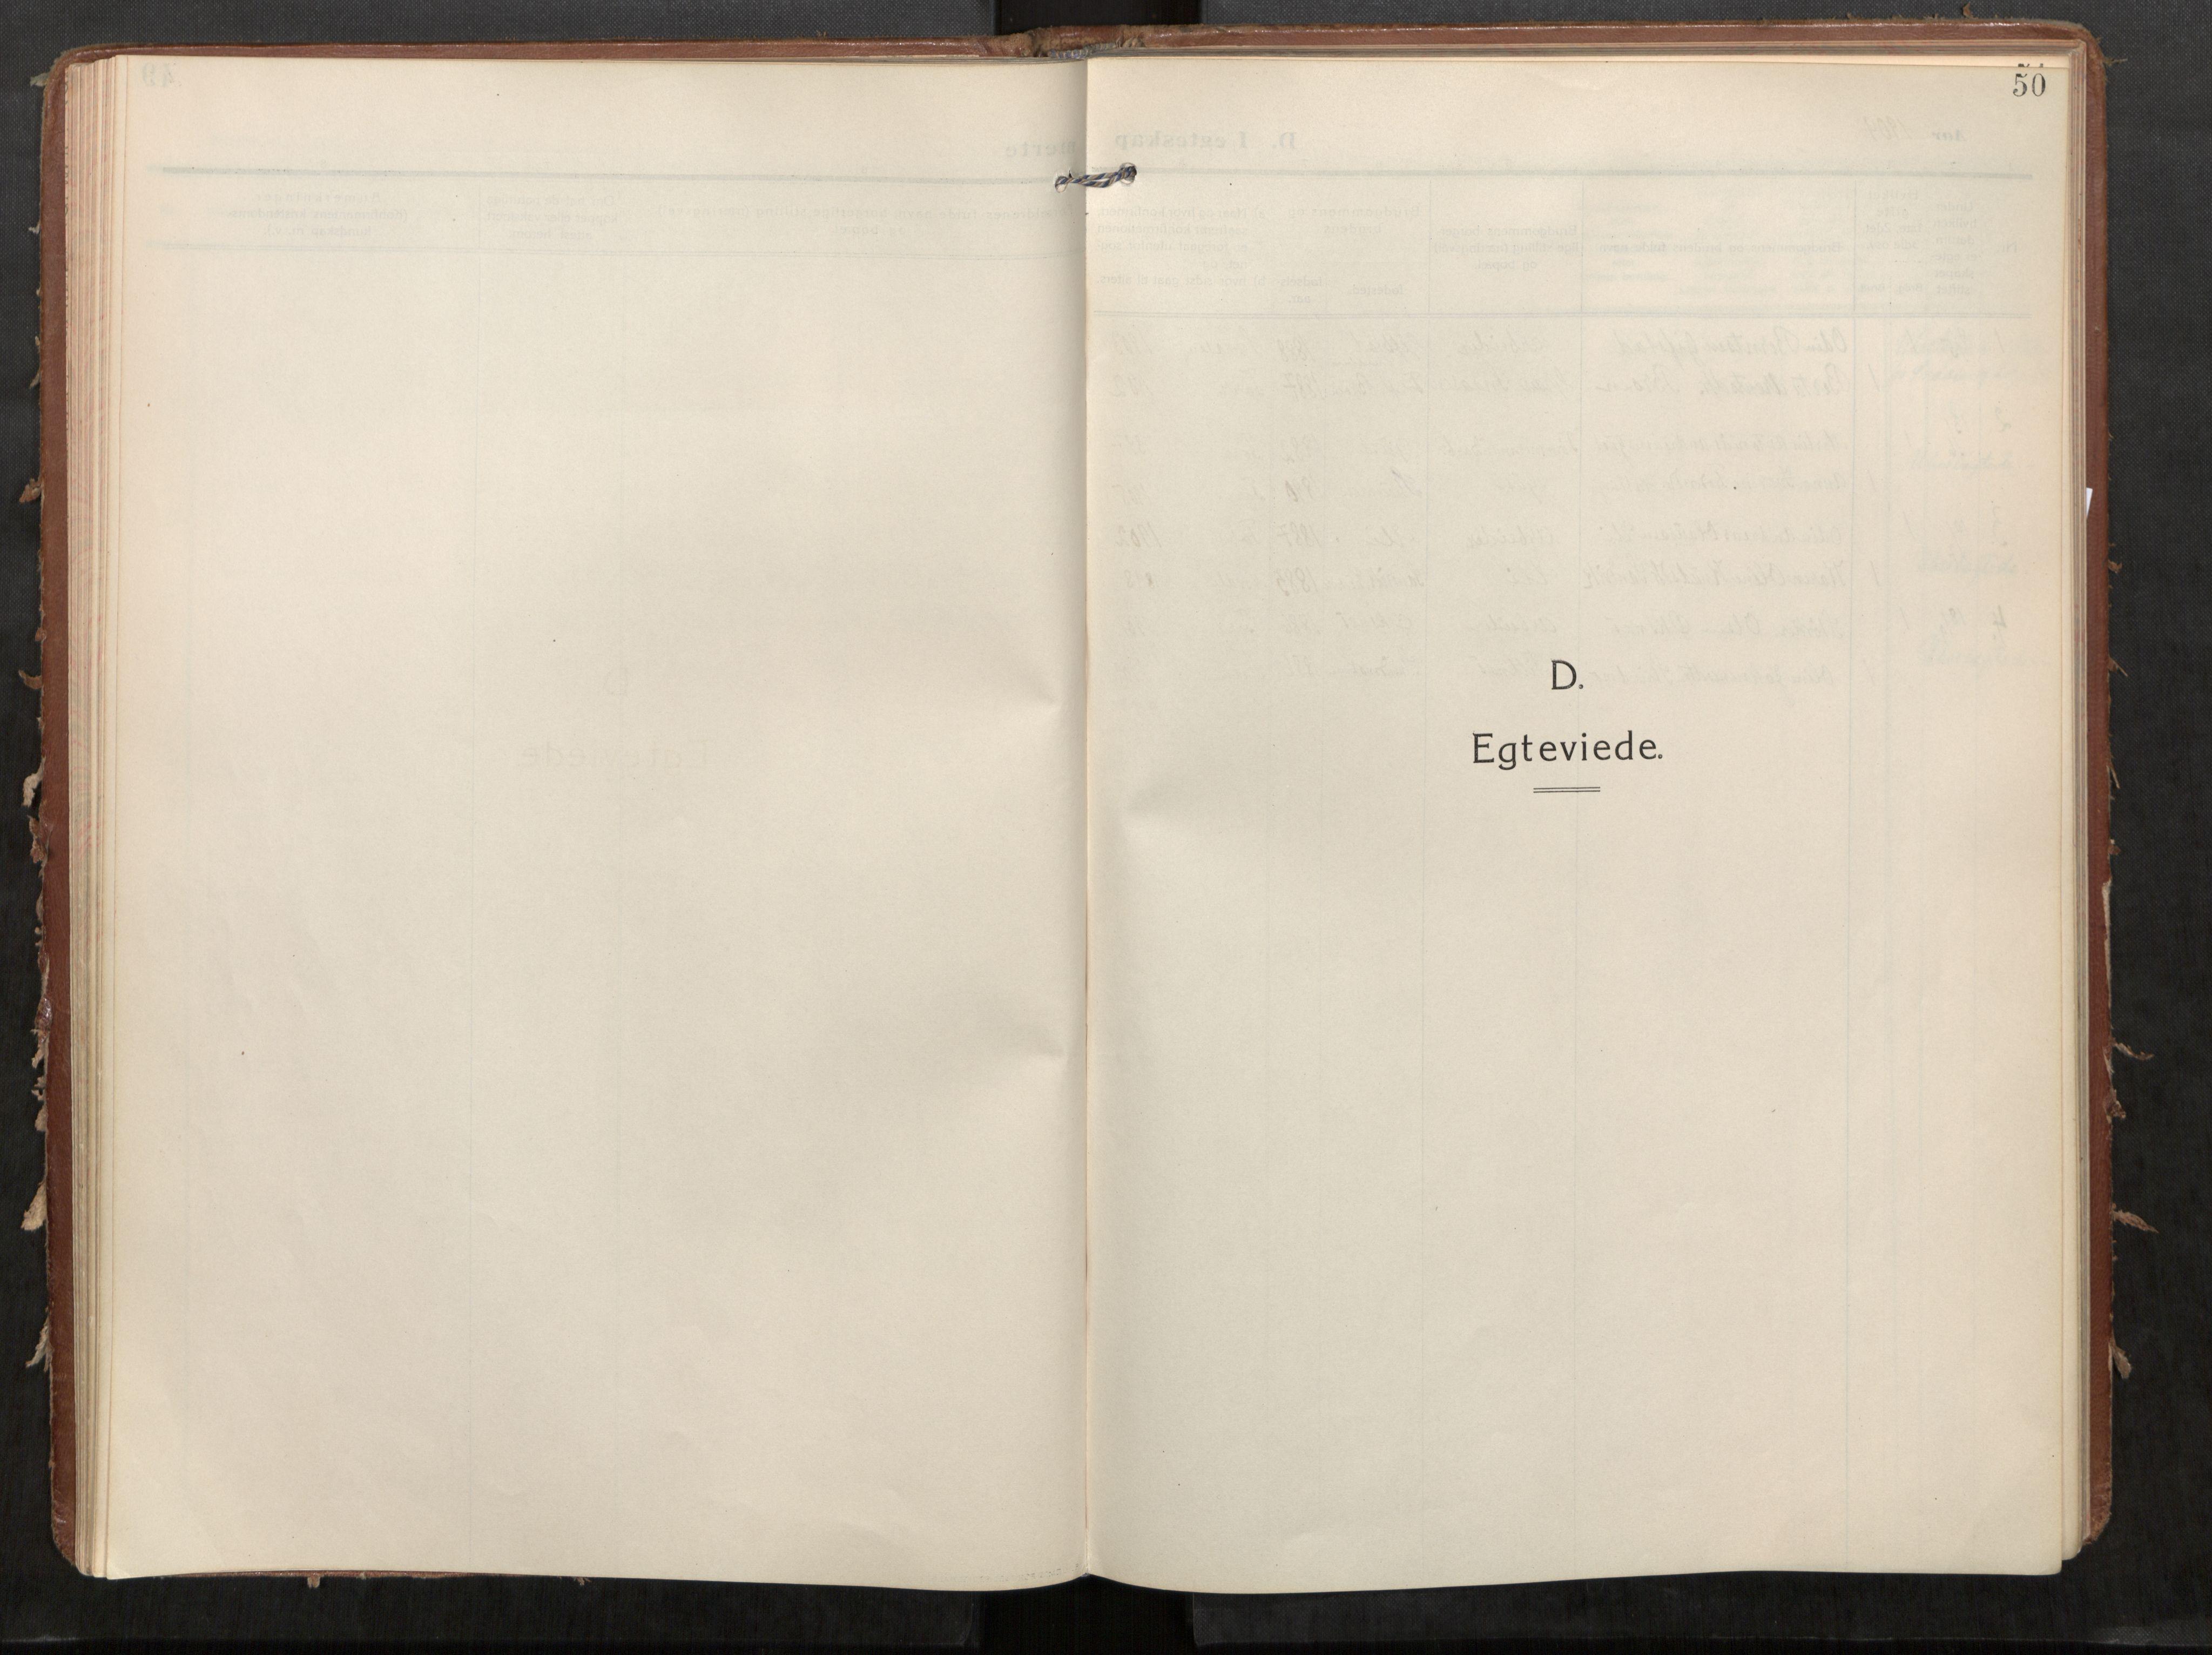 SAT, Stod sokneprestkontor, I/I1/I1a/L0002: Parish register (official) no. 2, 1909-1922, p. 50